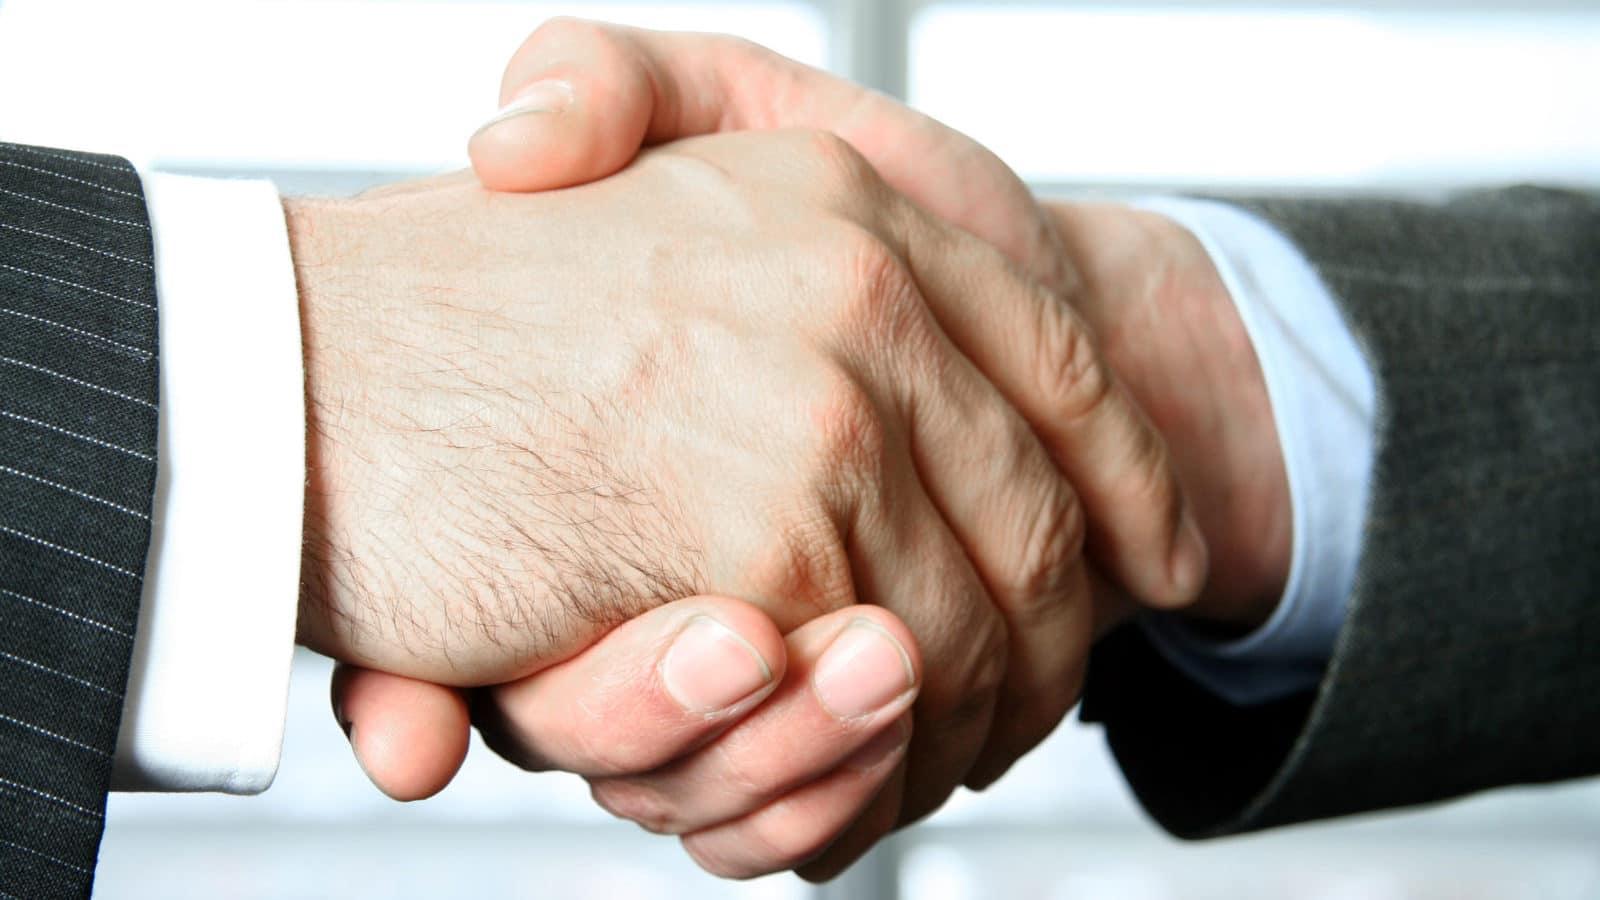 Handshake of two Businesspeople